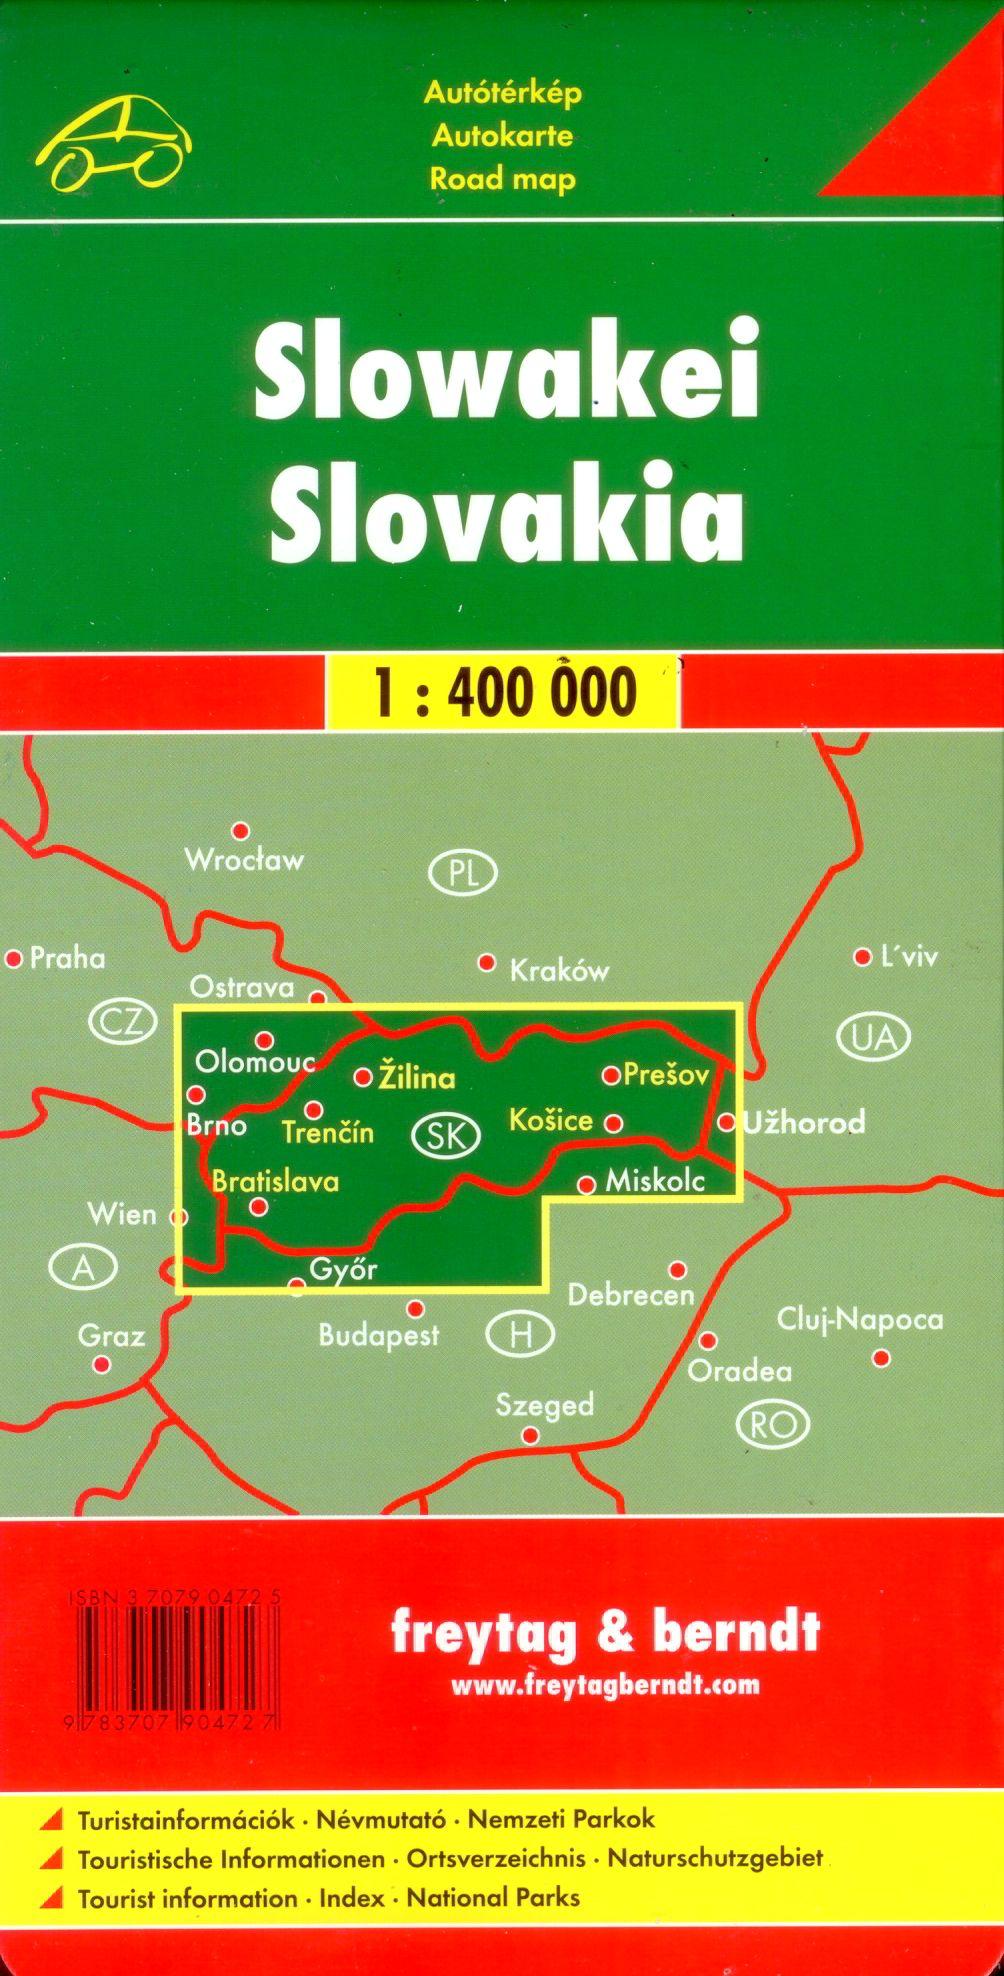 A Szlovákia autótérkép által lefedett terület